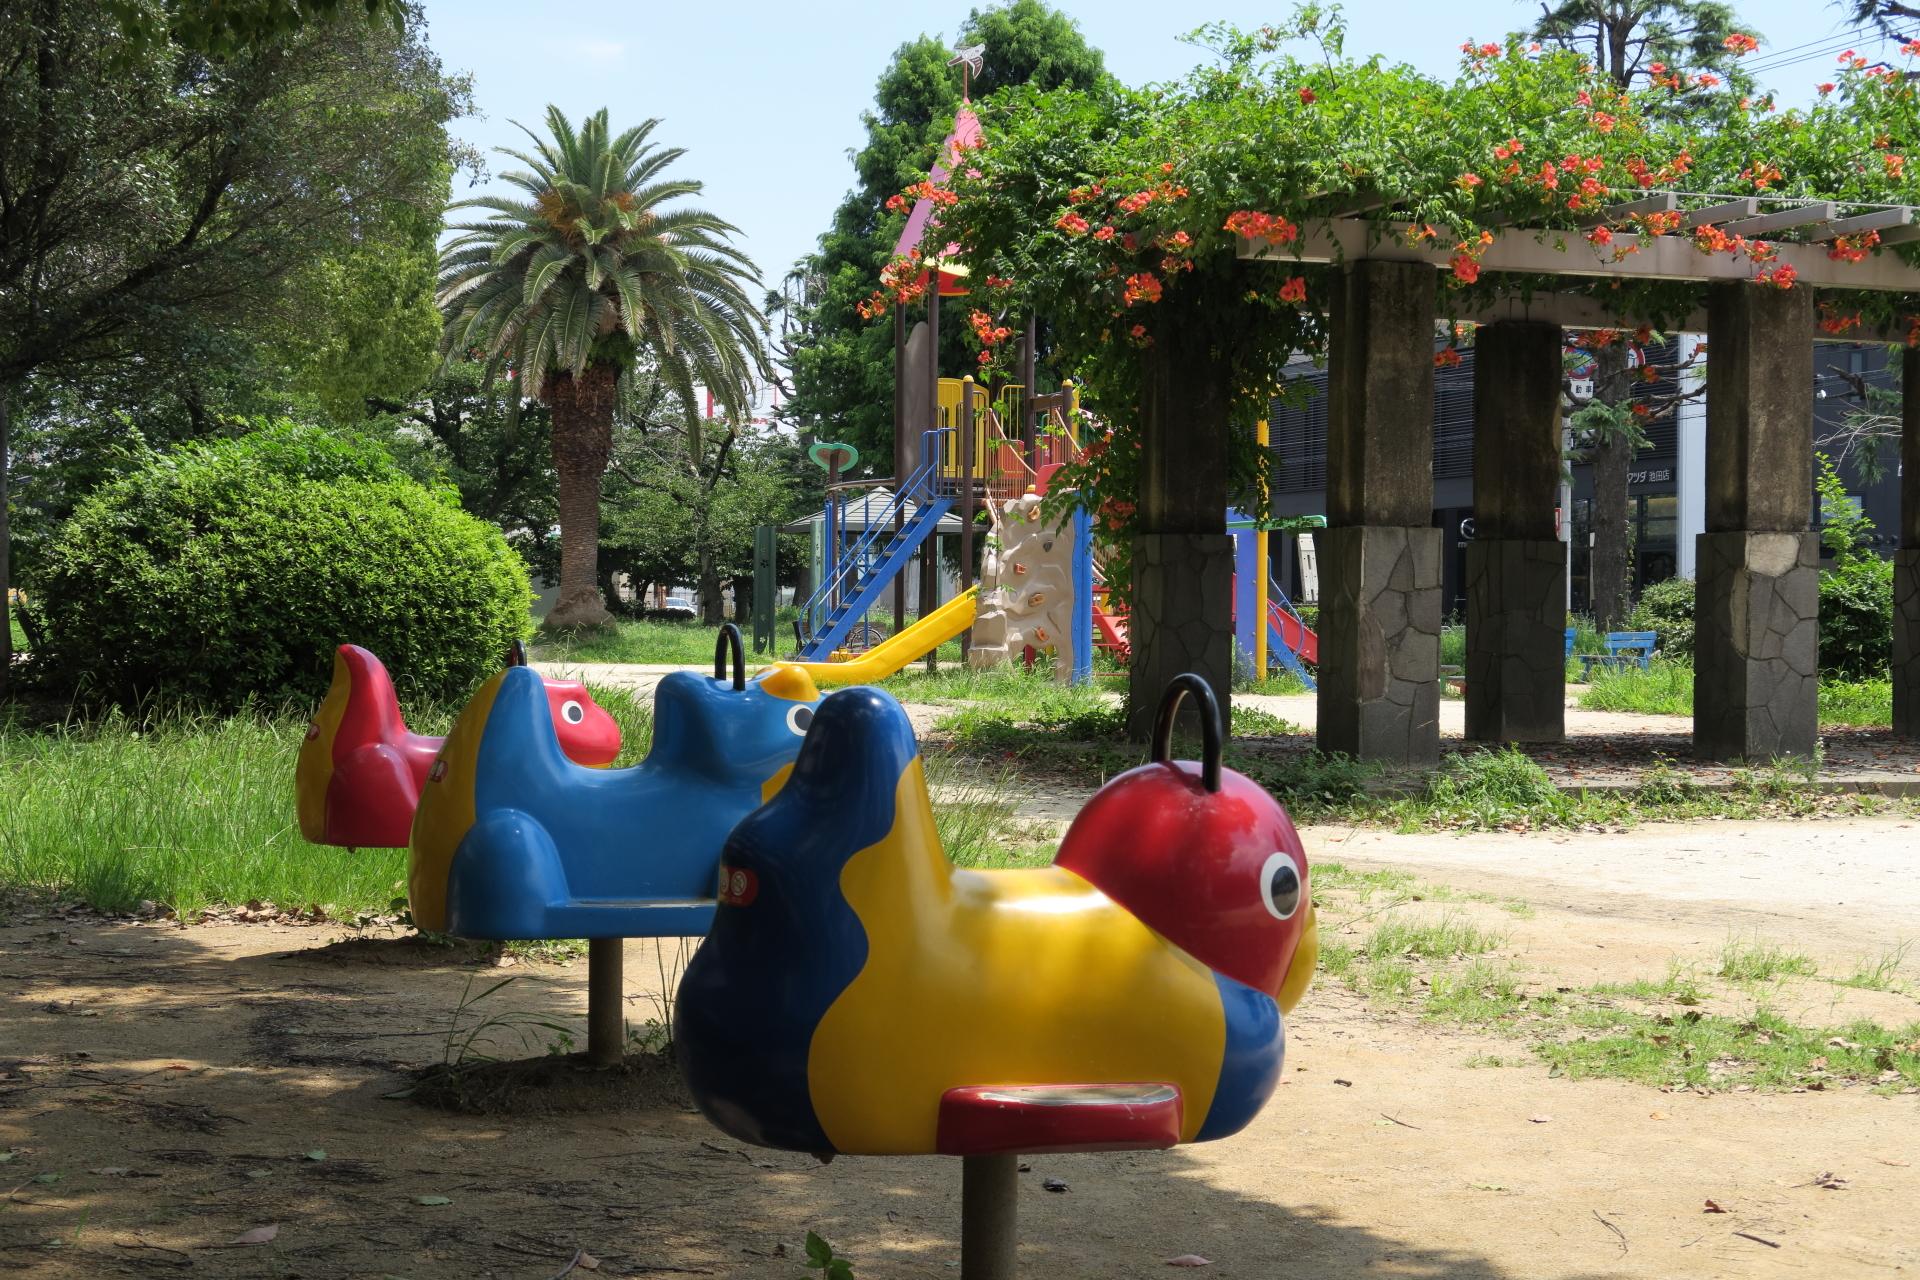 児童公園の乗り物